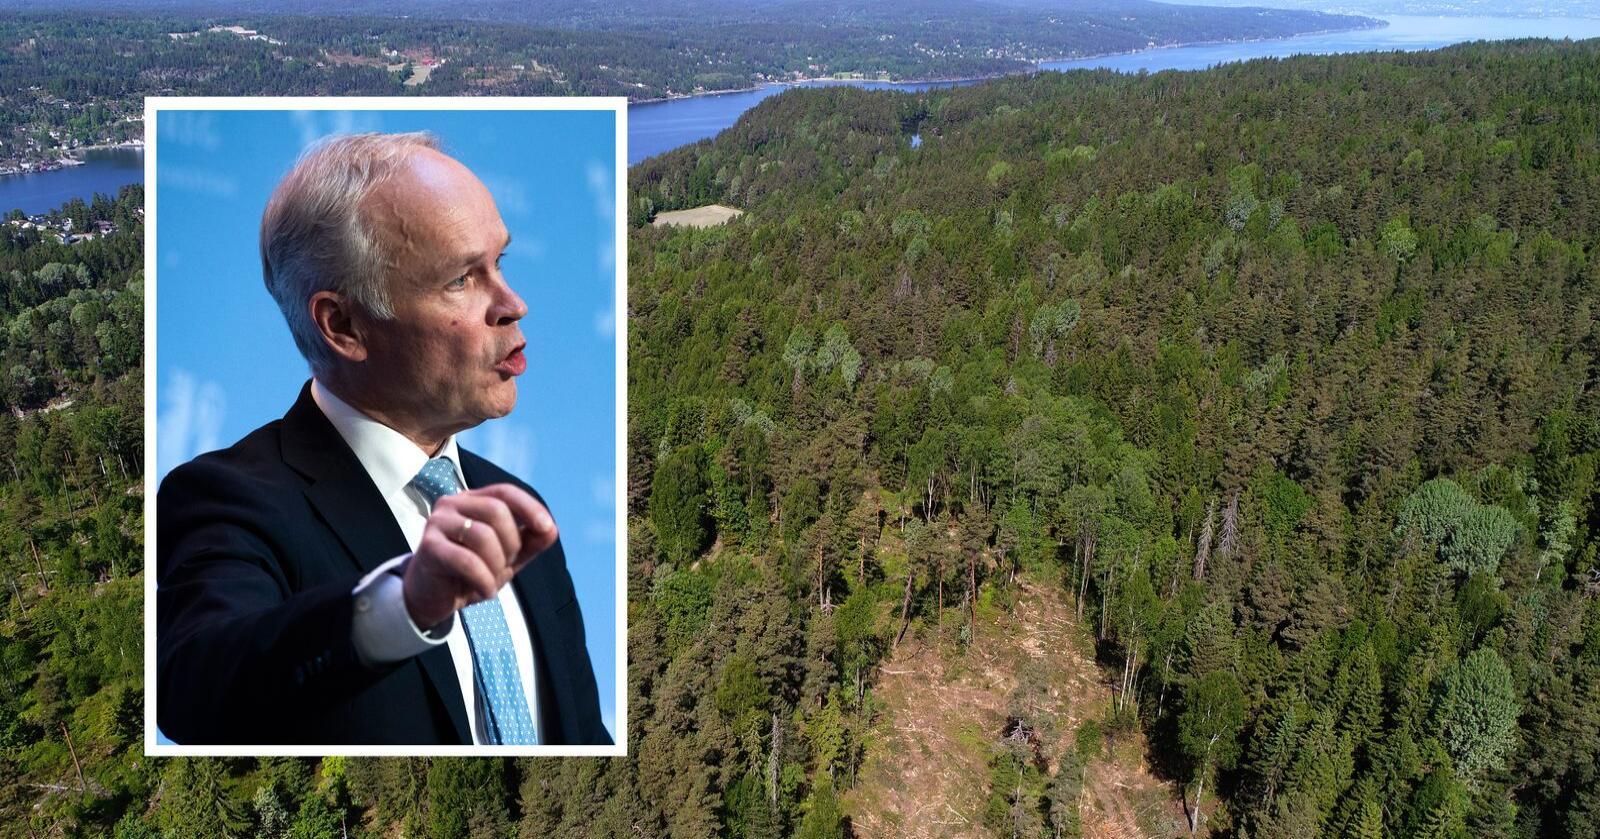 Jan Tore Sanner sier norske myndigheter ønsker at skogbruket skal klassifiseres som bærekraftig etter eksisterende kriterier. Foto: Cornelius Poppe og Berit Roald / NTB